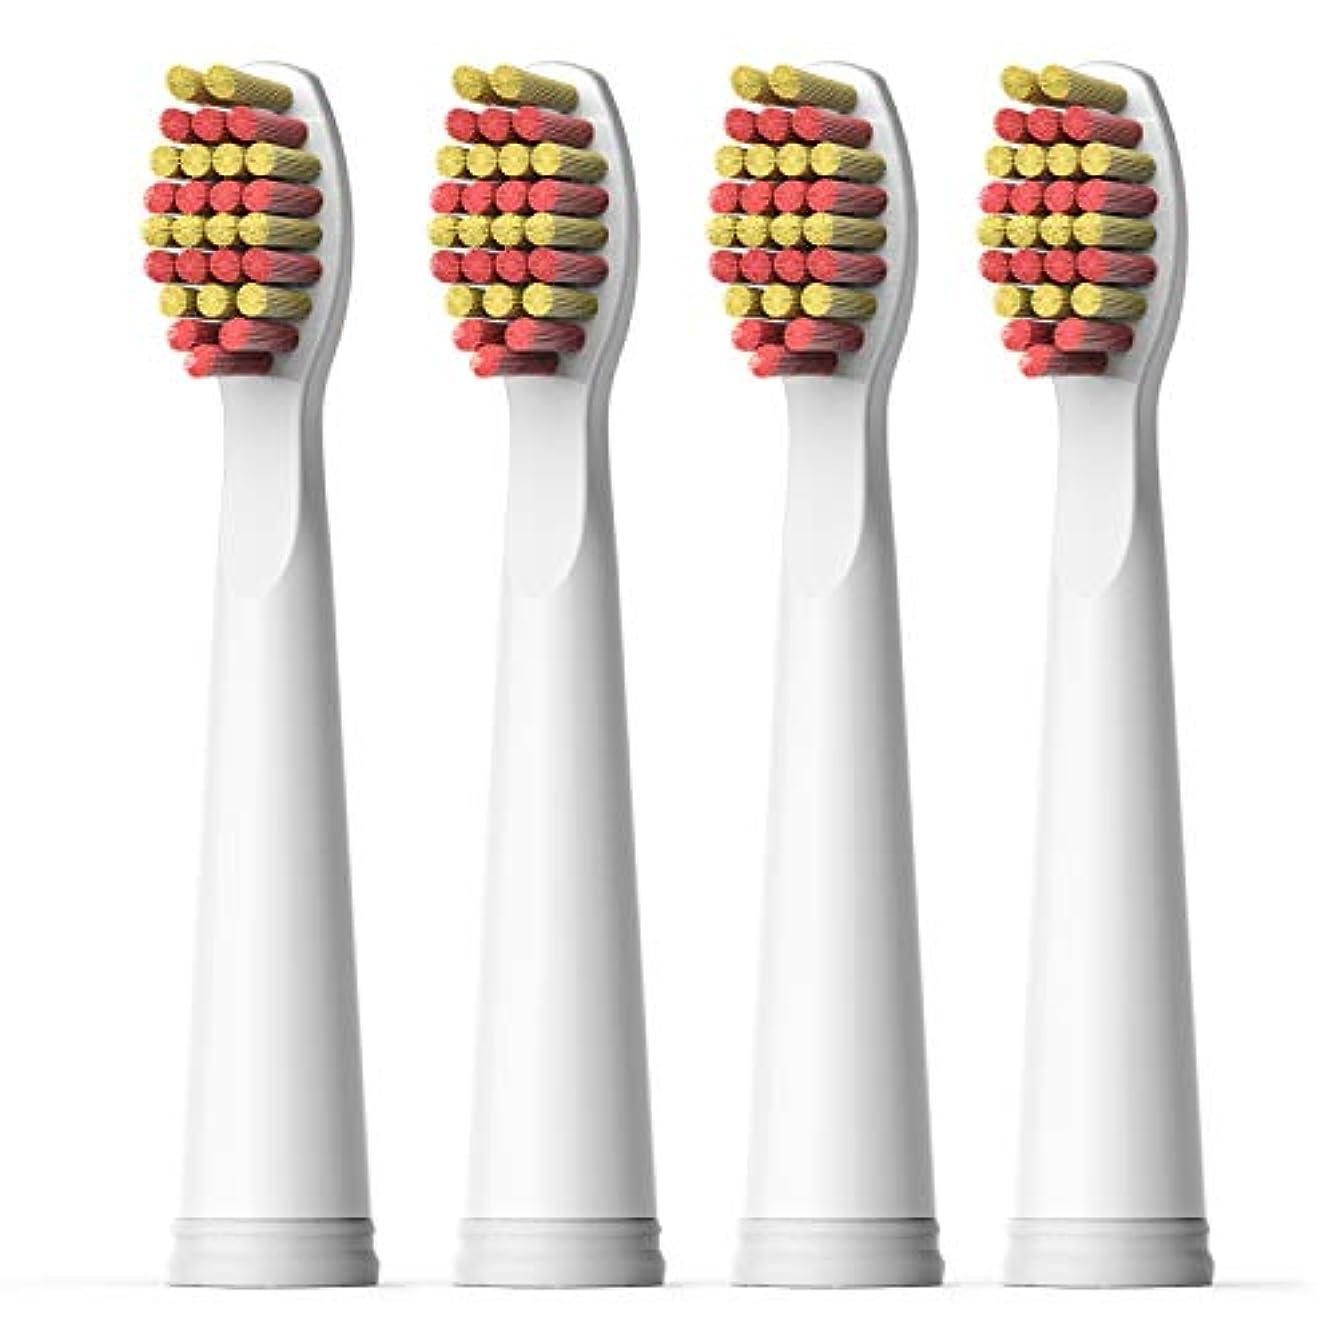 中央不機嫌そうな値するFairywill 電動歯ブラシ用 替ブラシ 4本入 互換ブラシ ブラシヘッド やわらかい BH04